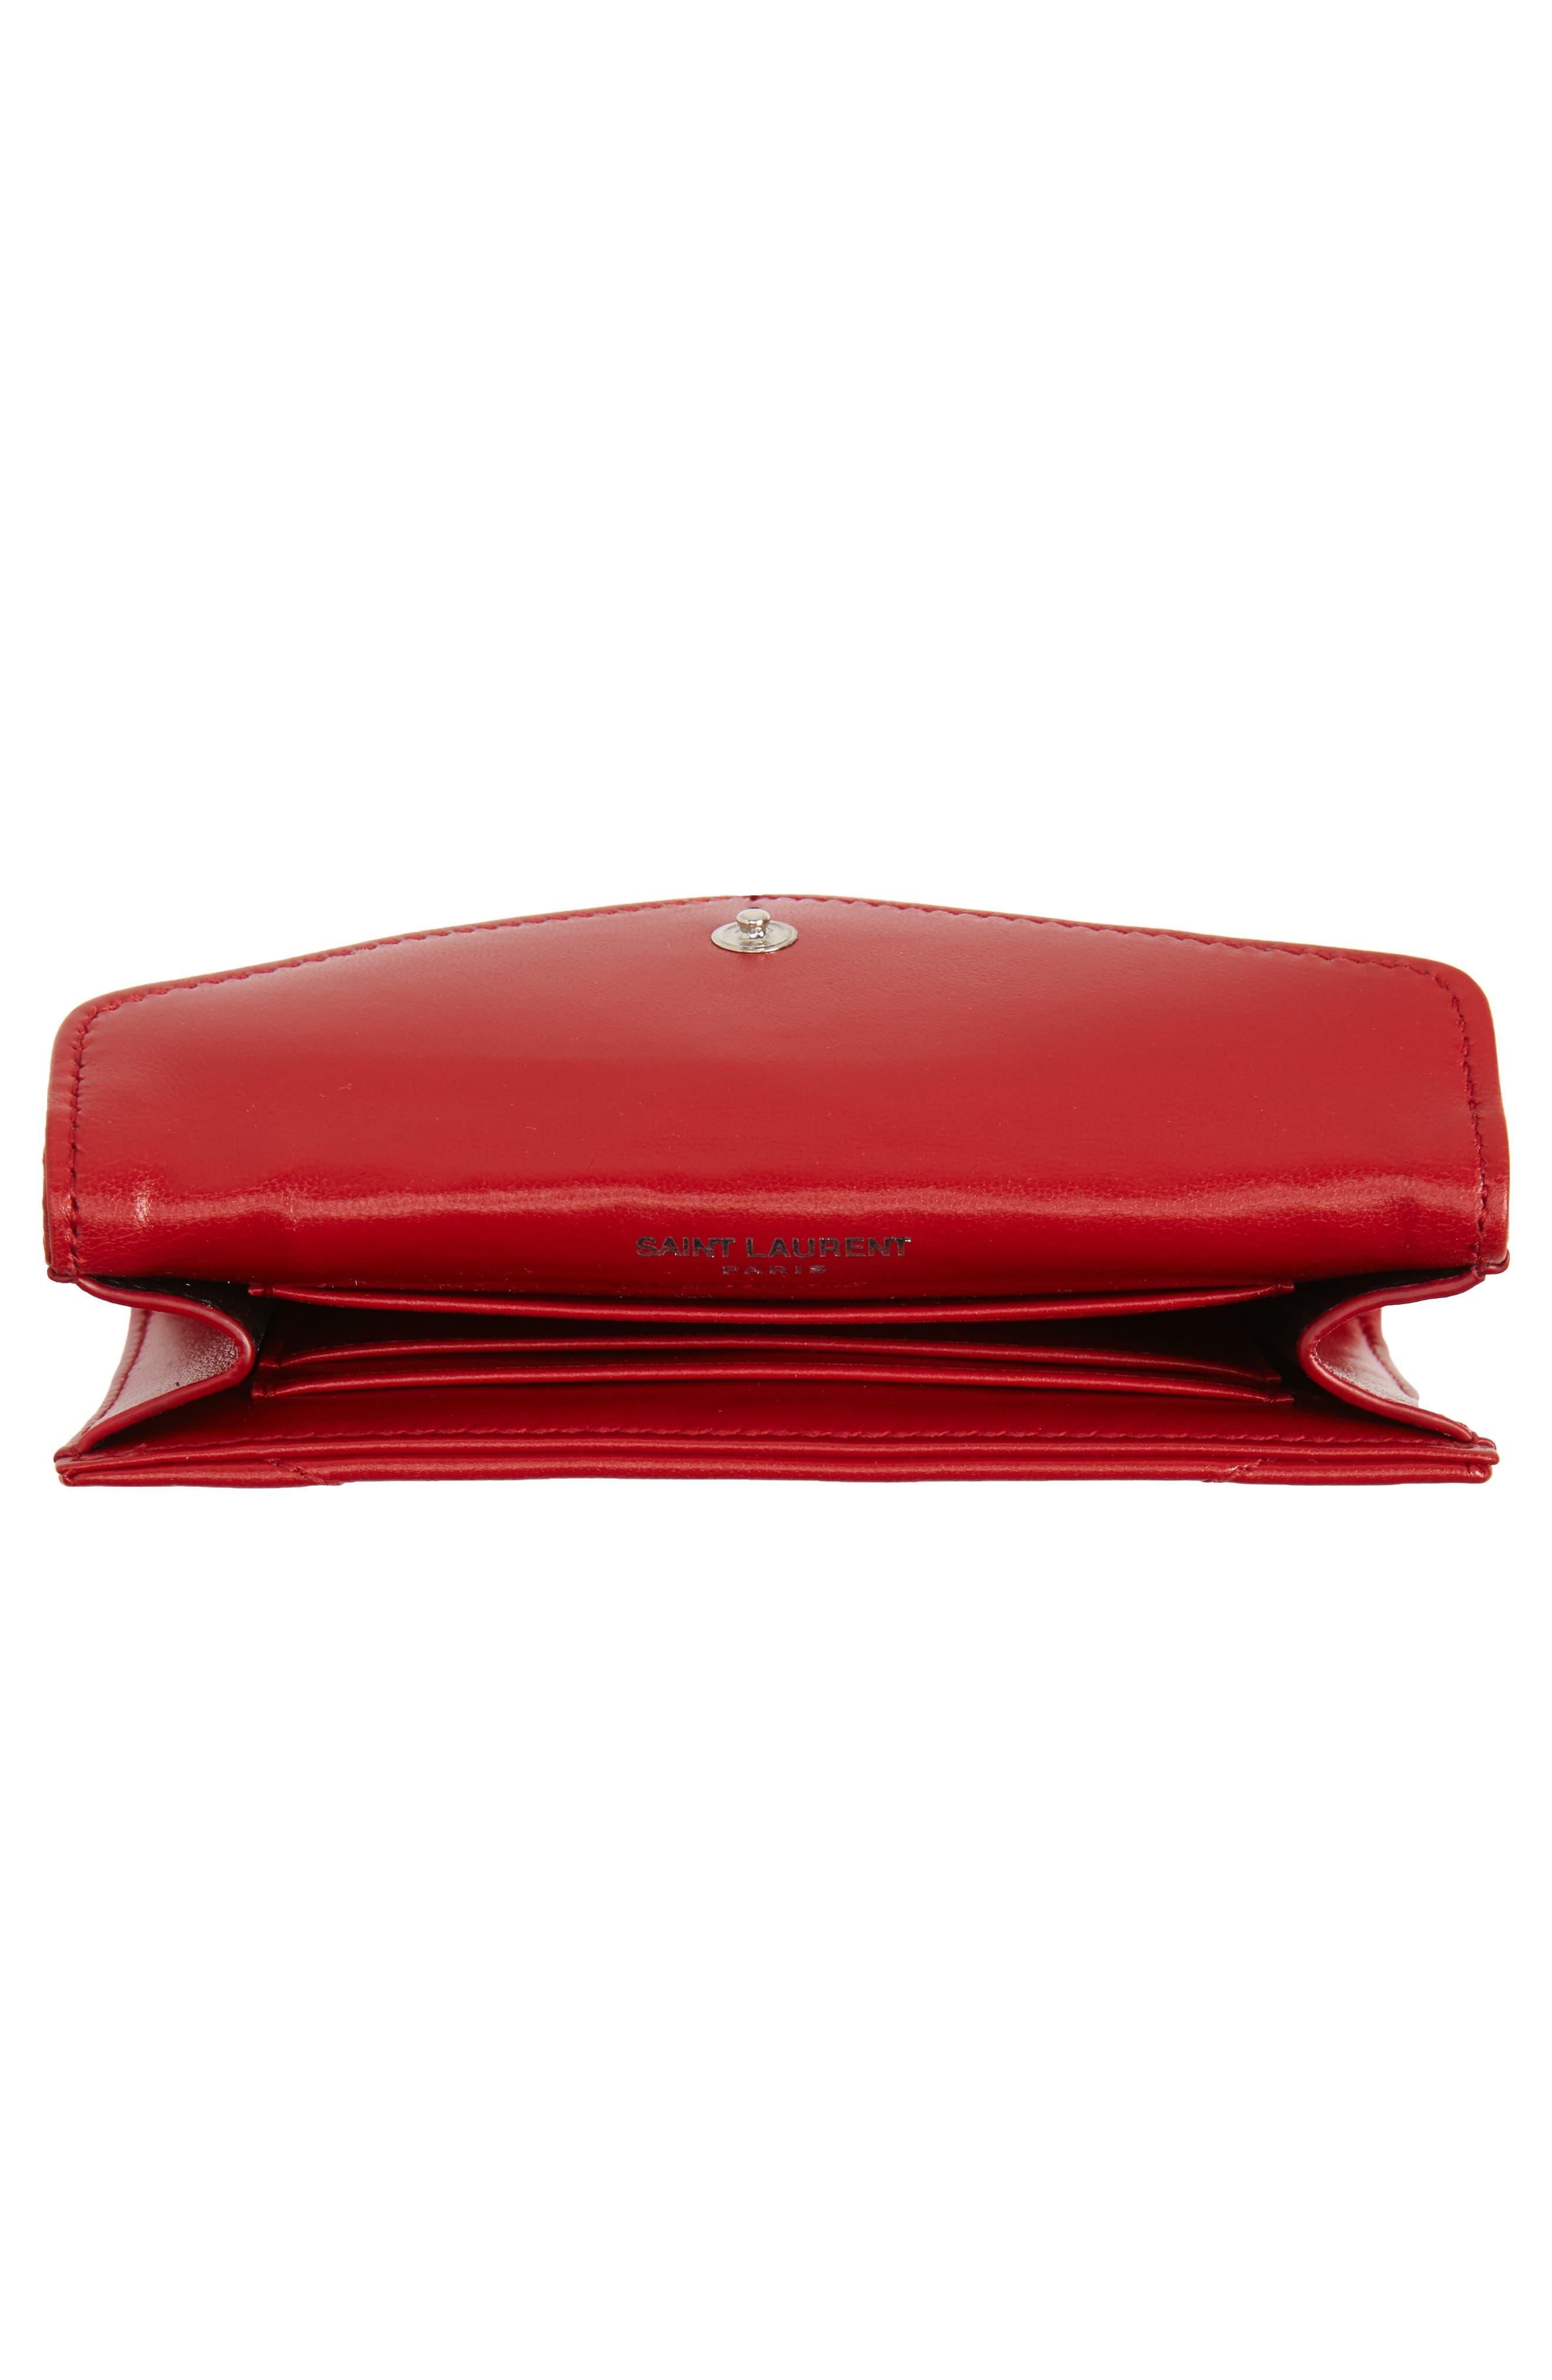 Small Loulou Matelassé Leather Wallet,                             Alternate thumbnail 2, color,                             Rouge Eros